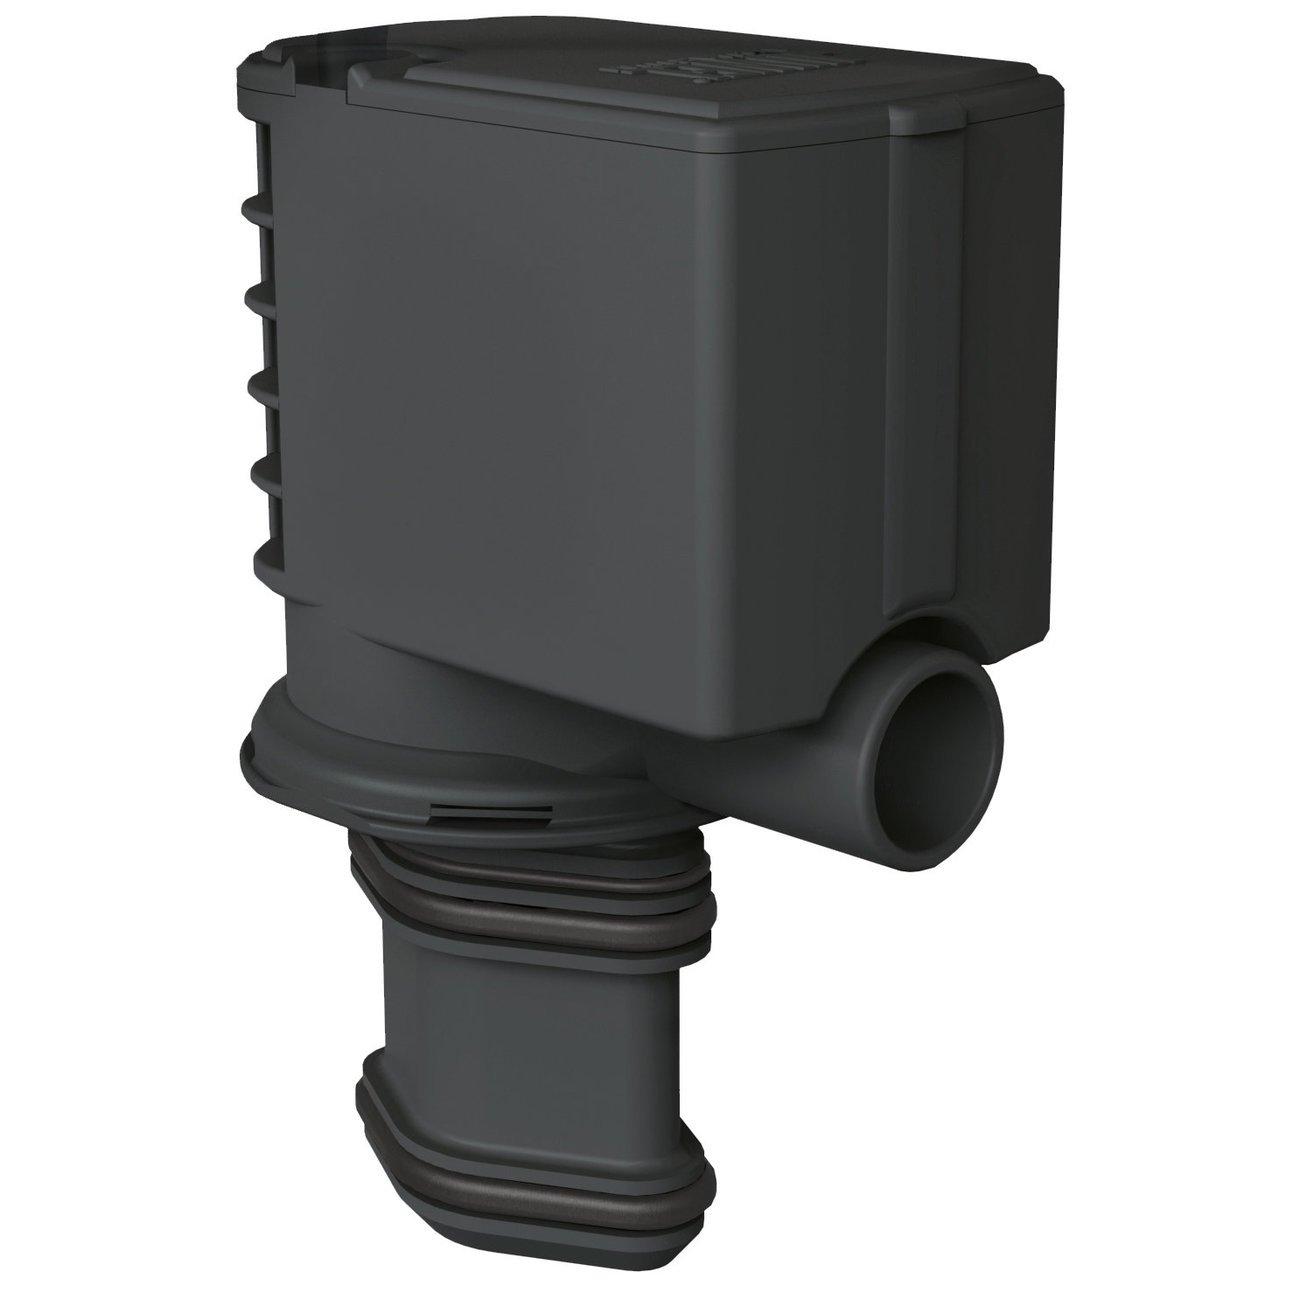 Juwel Eccoflow Pumpe, Bild 7